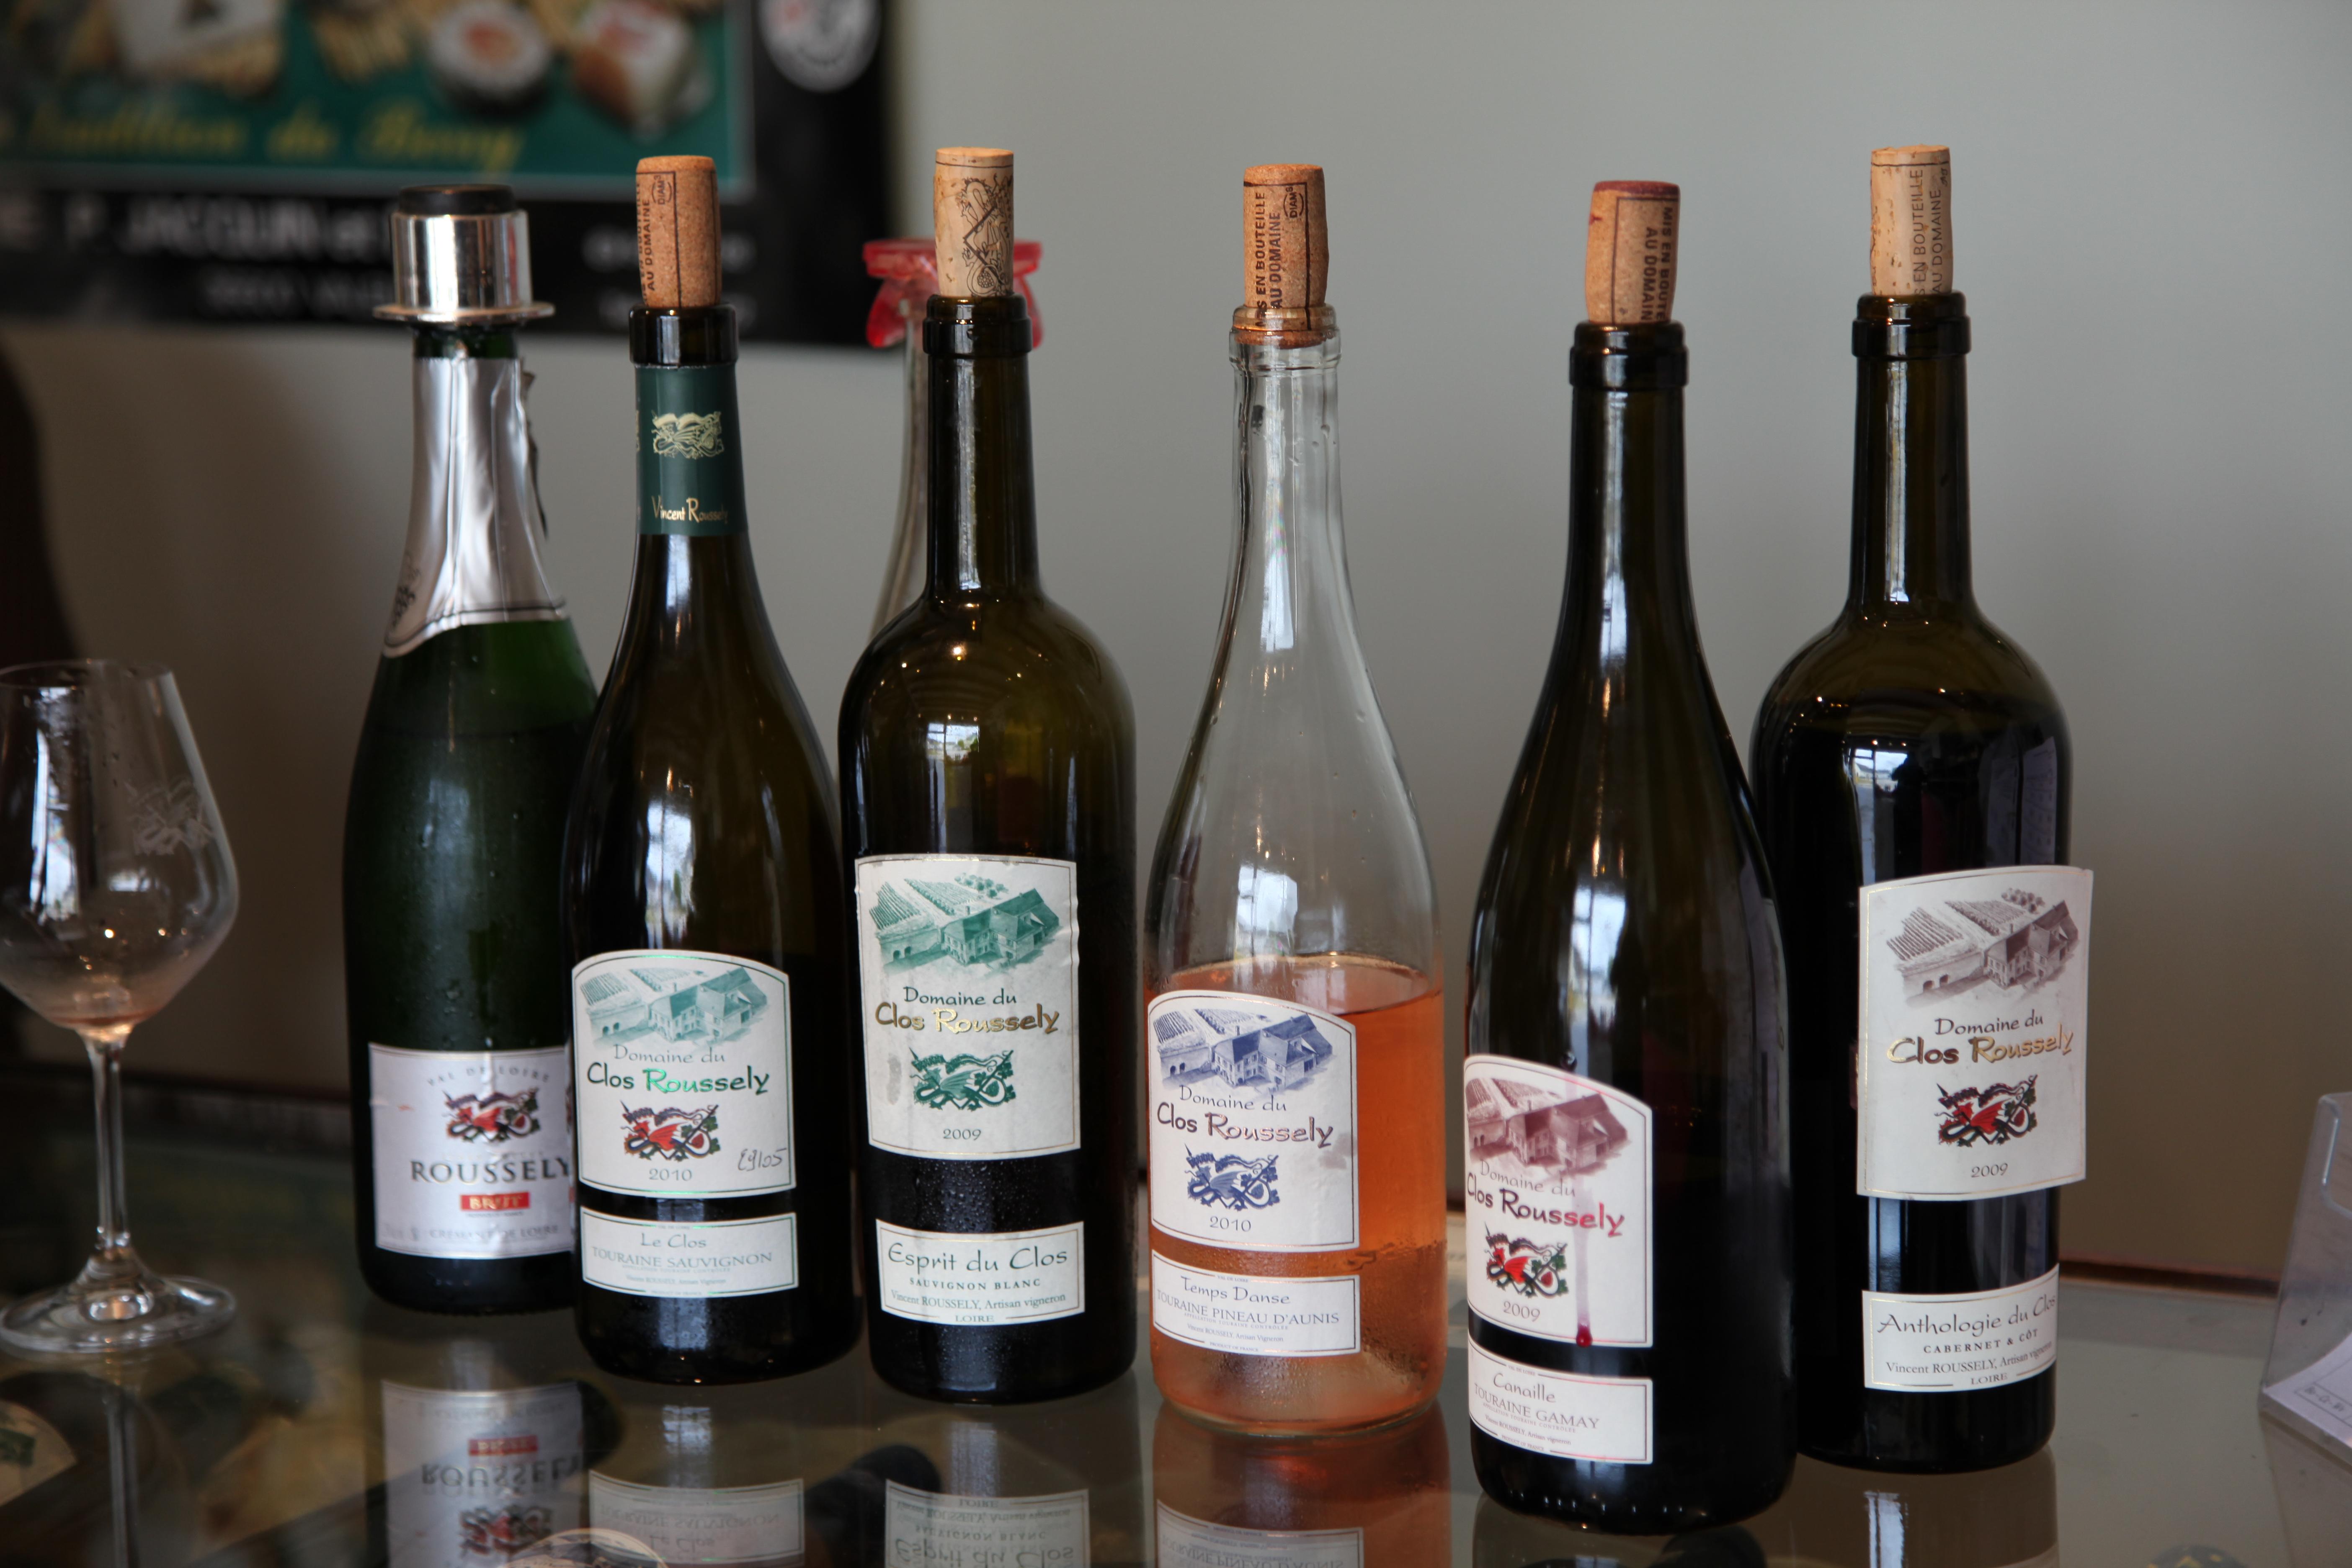 Domaine du Clos Roussely organic Loire wine